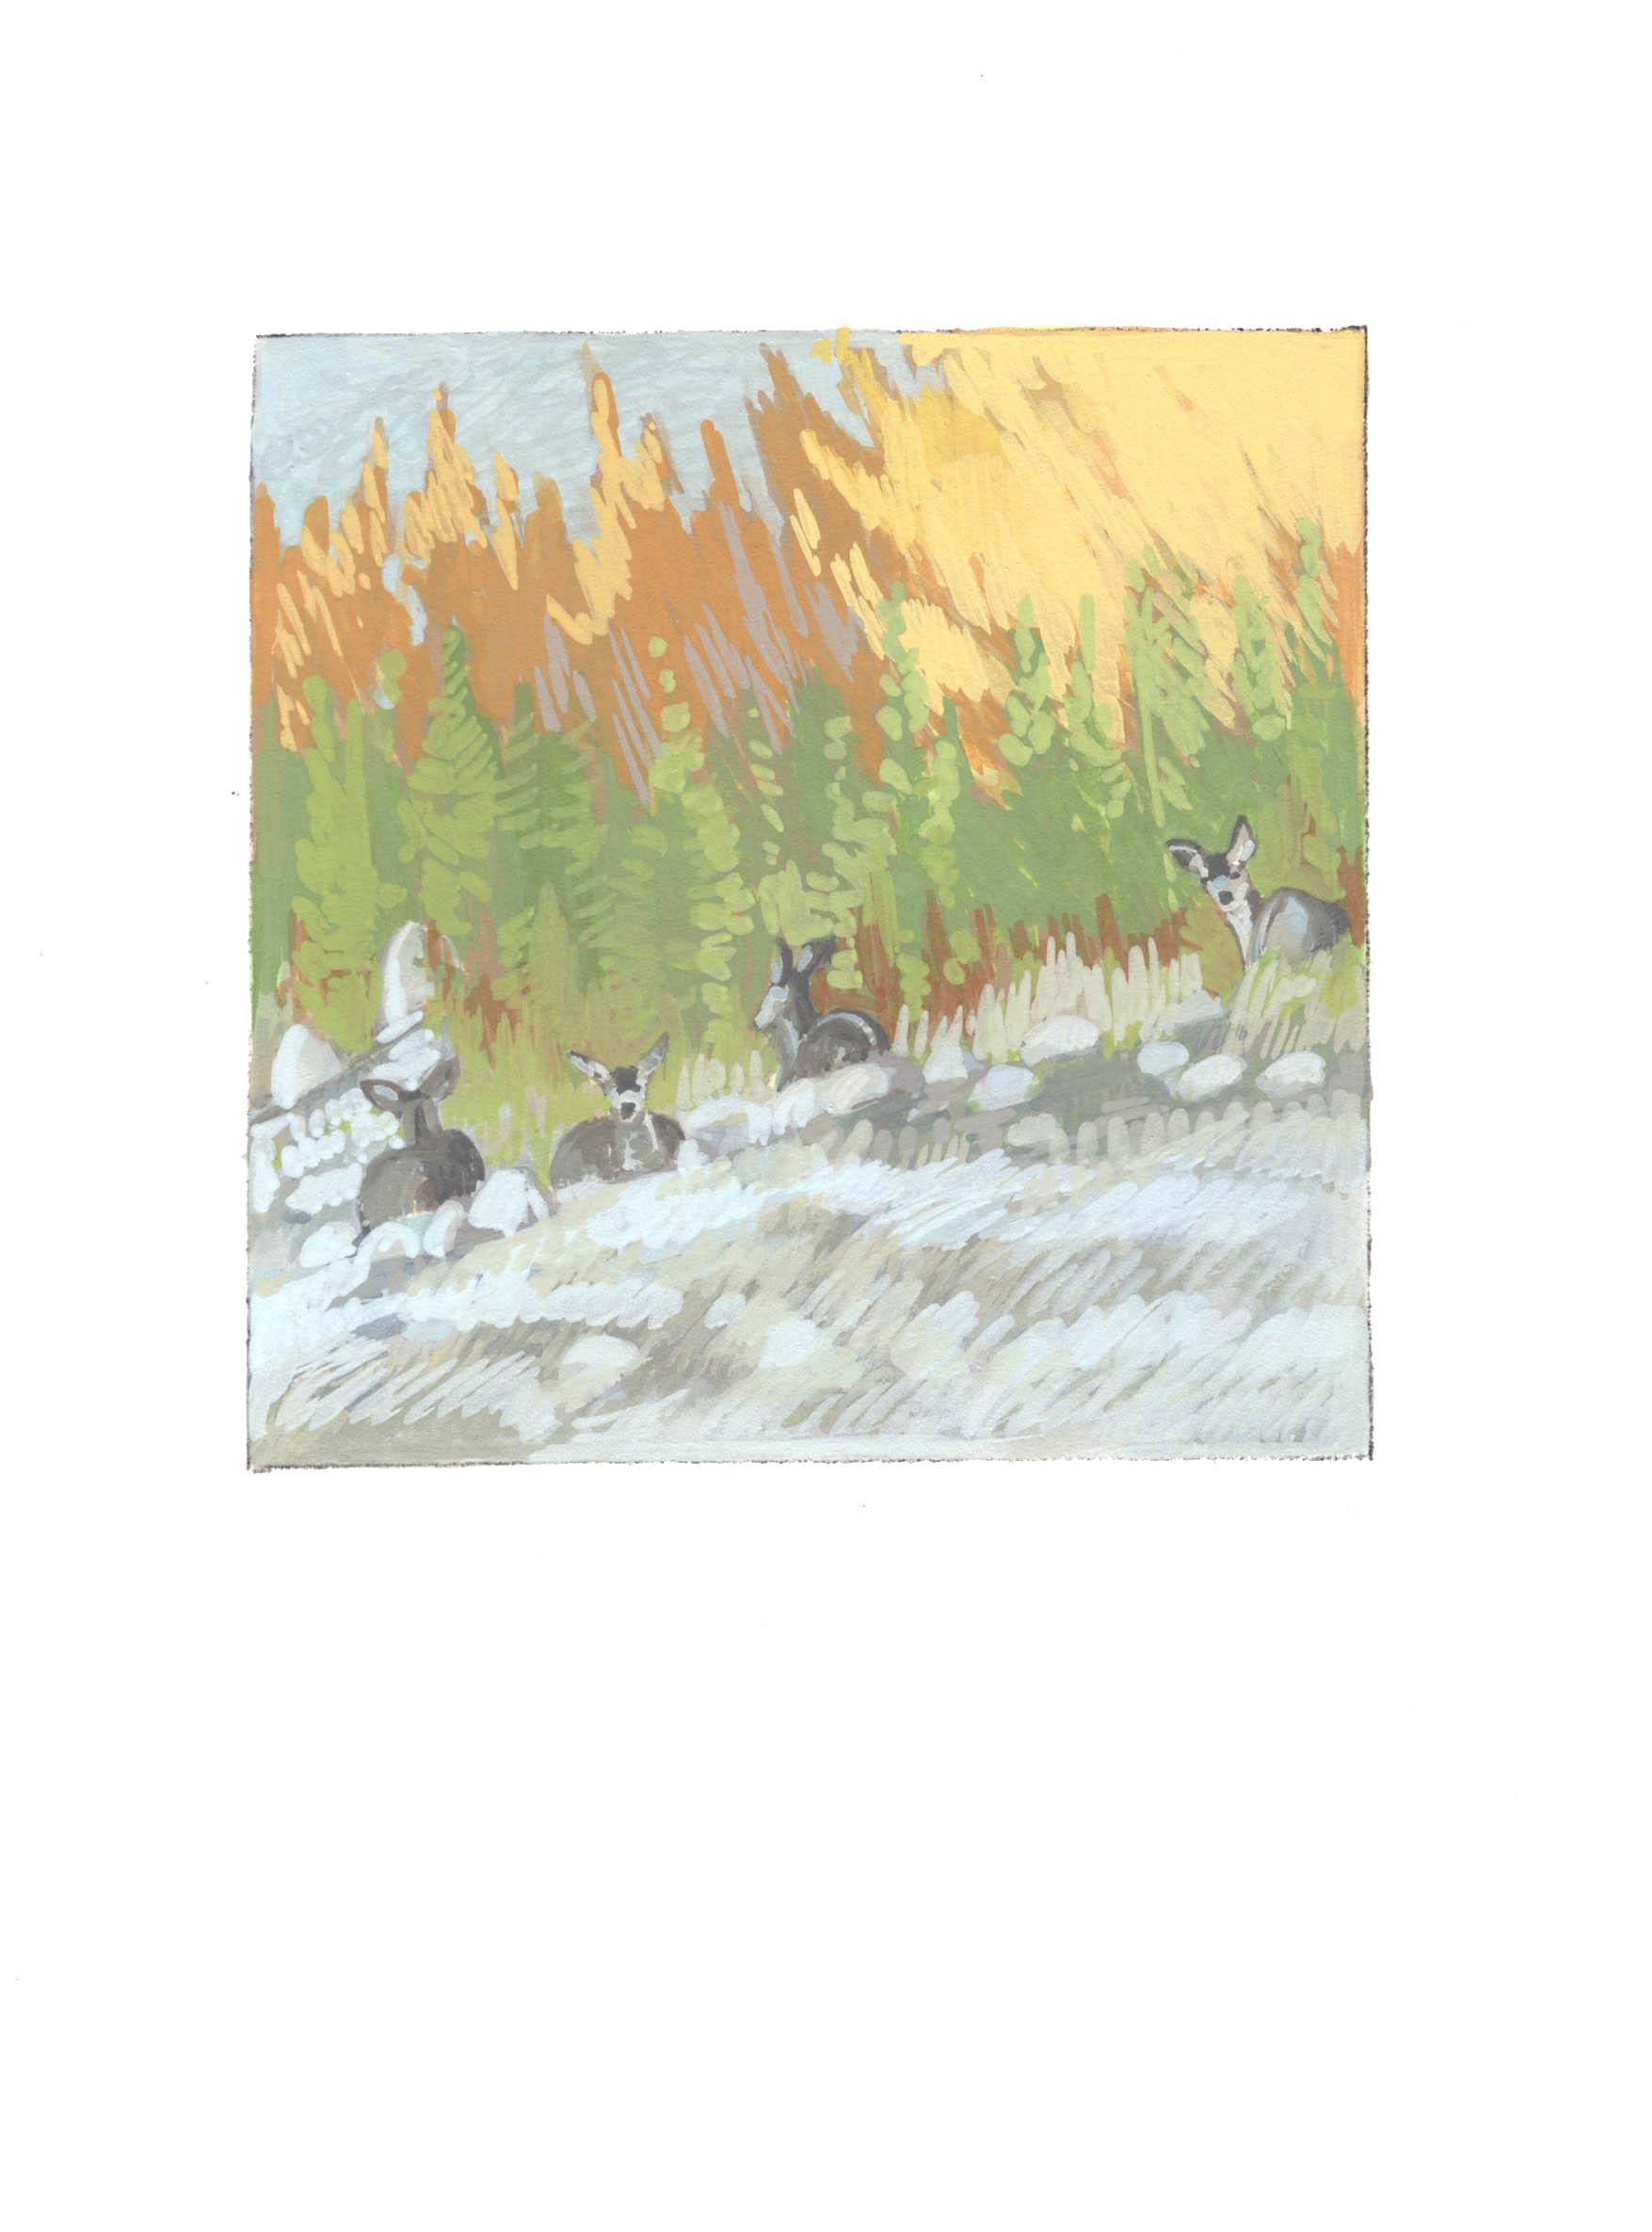 Fall Reeds & Mule Deer